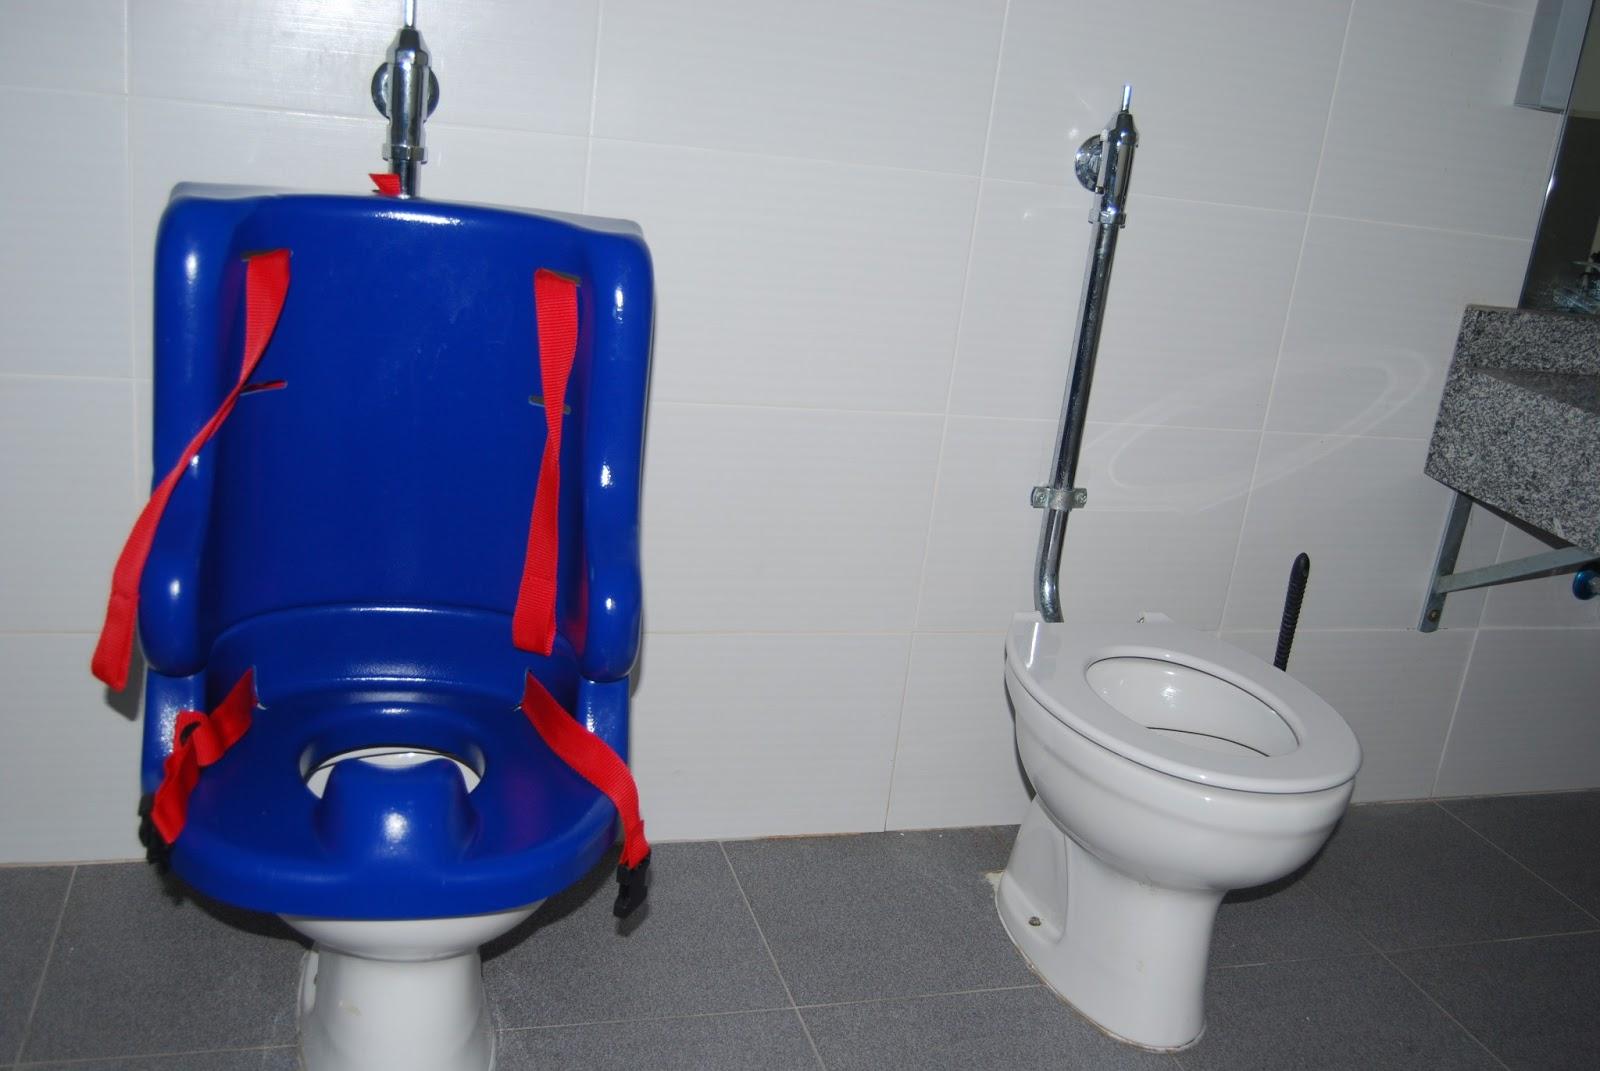 Adaptador Baño Ninos:El baúl de AL: Adaptador para el baño para niños con parálisis